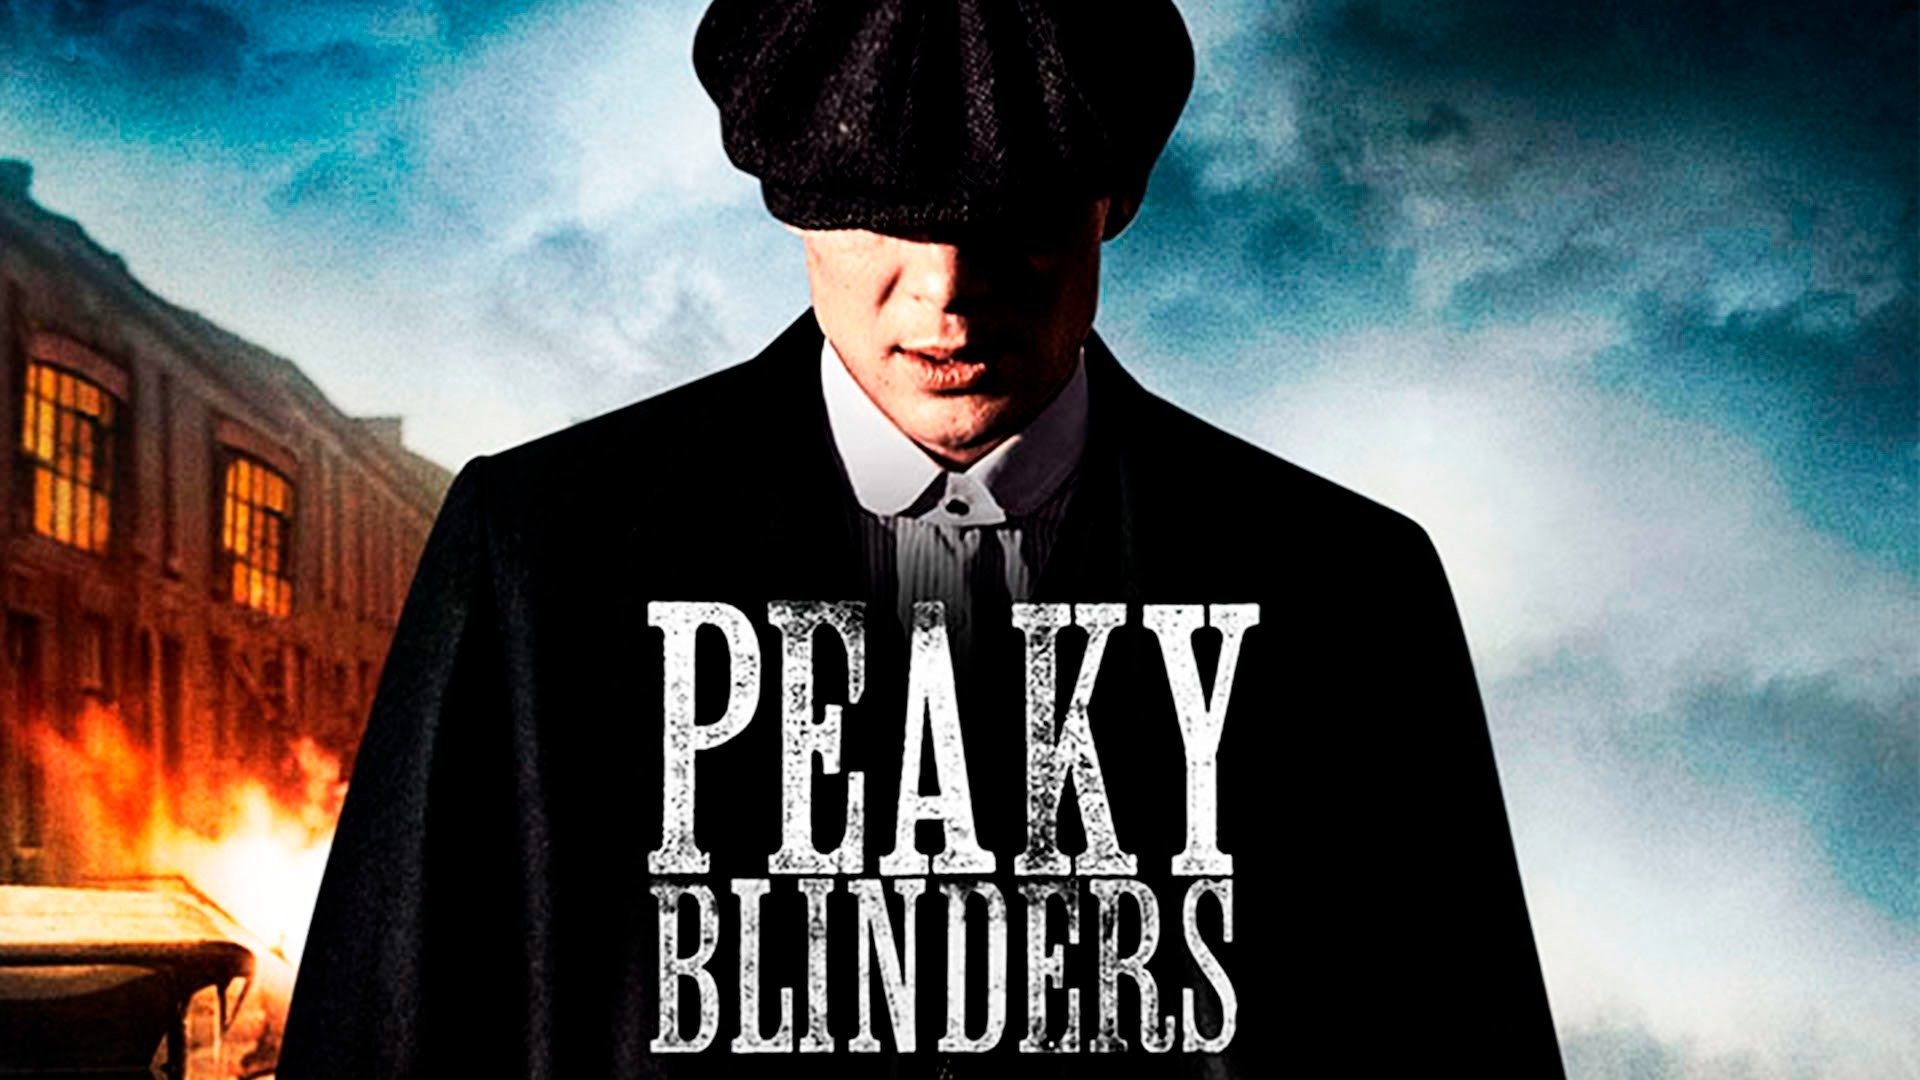 Peaky Blinders Wallpapers (76+ images)